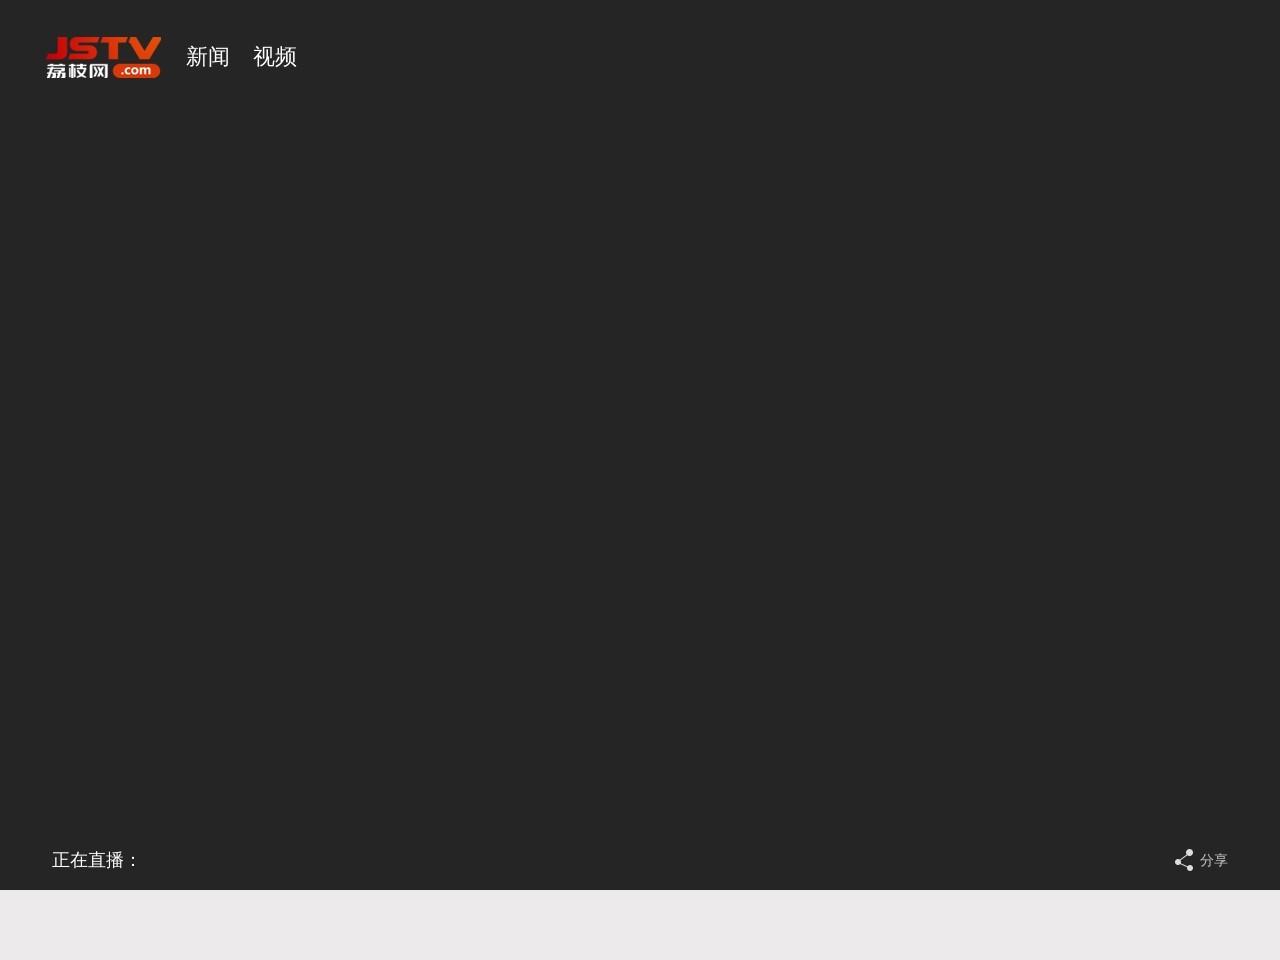 江苏卫视直播网